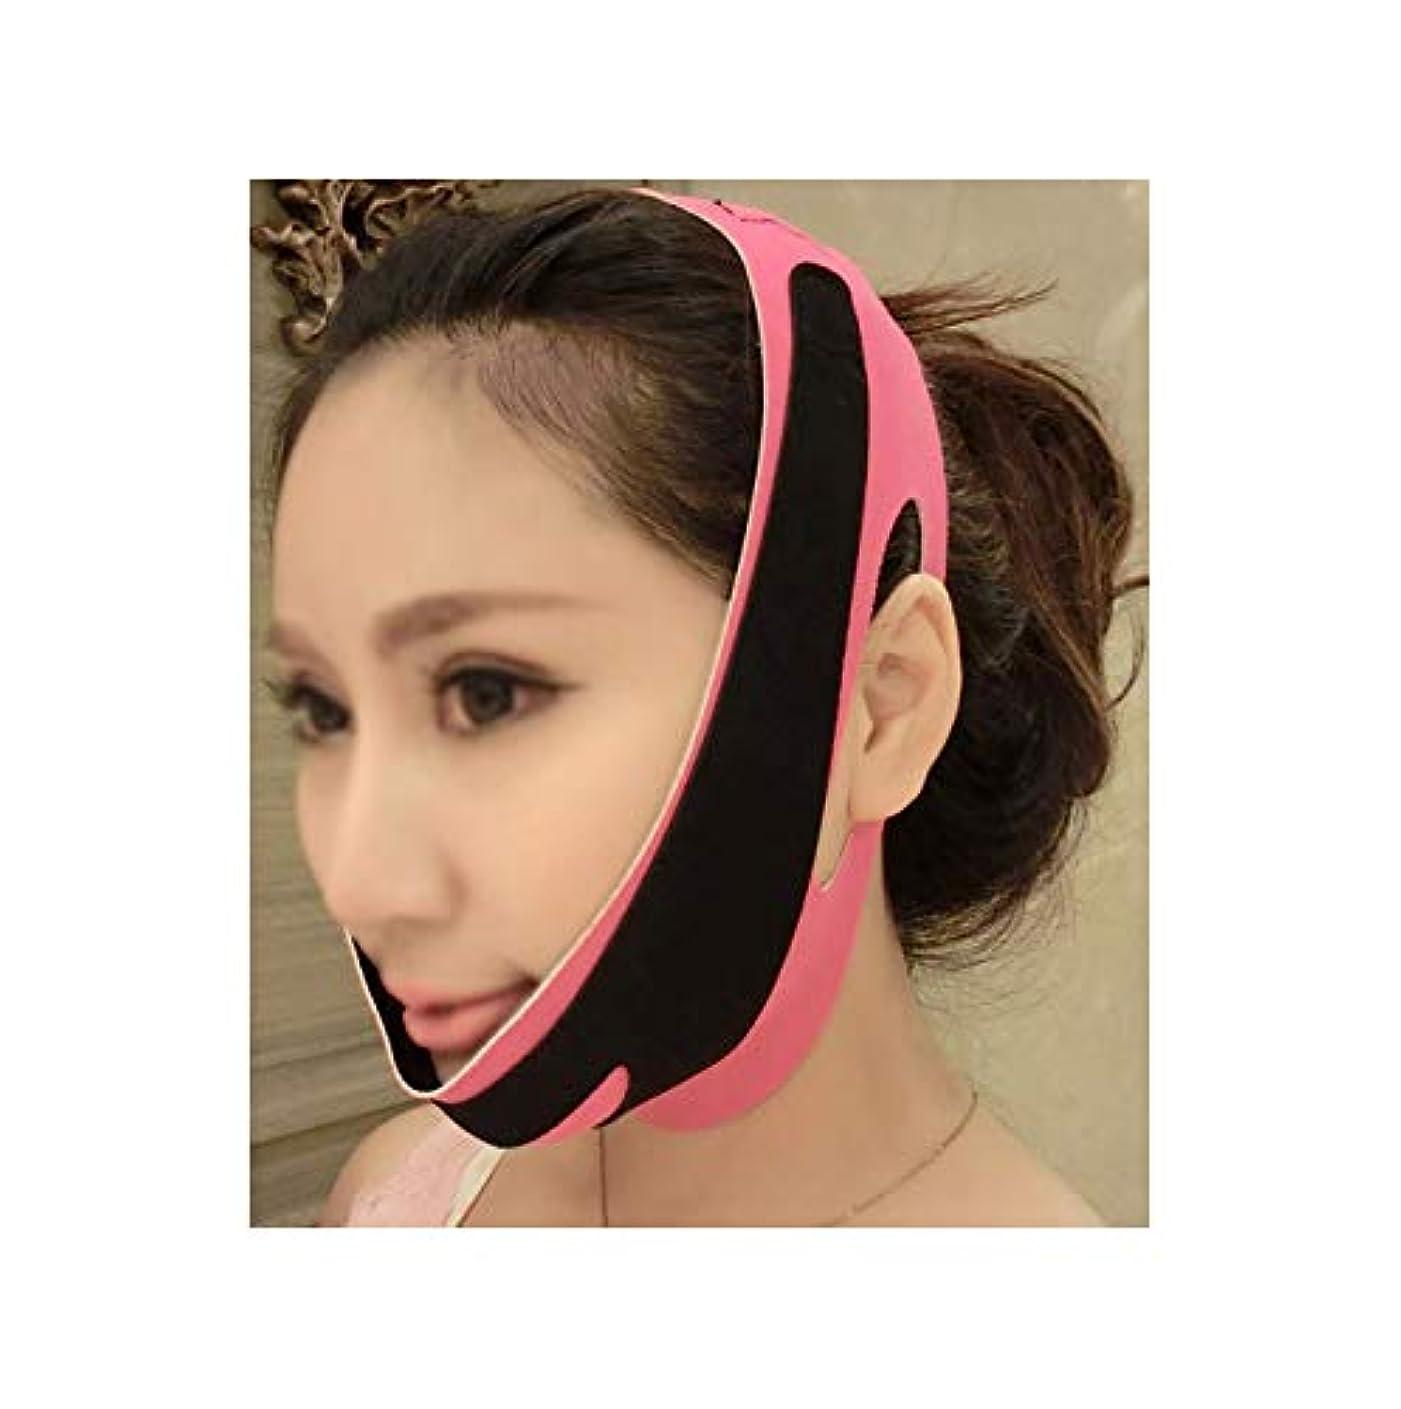 肯定的ガラス長方形薄い顔の包帯の顔のスリムを取り除く二重あごを取り除くVラインの顔の形を作成するあごの頬リフトアップアンチリンクルリフティングベルトフェイスマッサージツール女性と女の子用(3フェイス包帯)